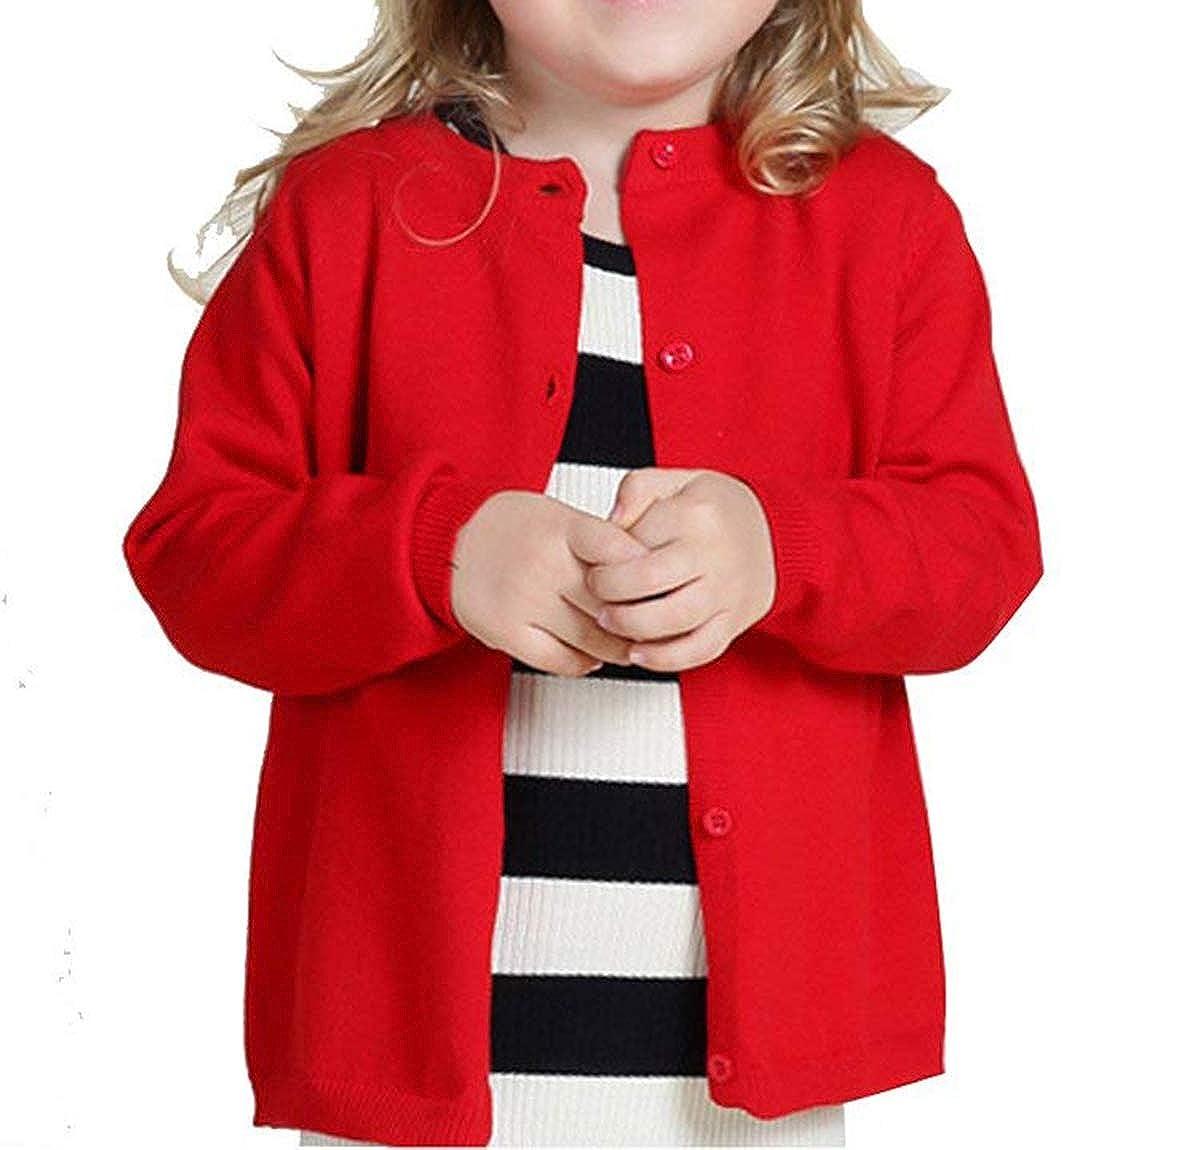 f013147367e8 Amazon.com  Dutebare Baby Girls Long Sleeve Cardigans Toddler ...